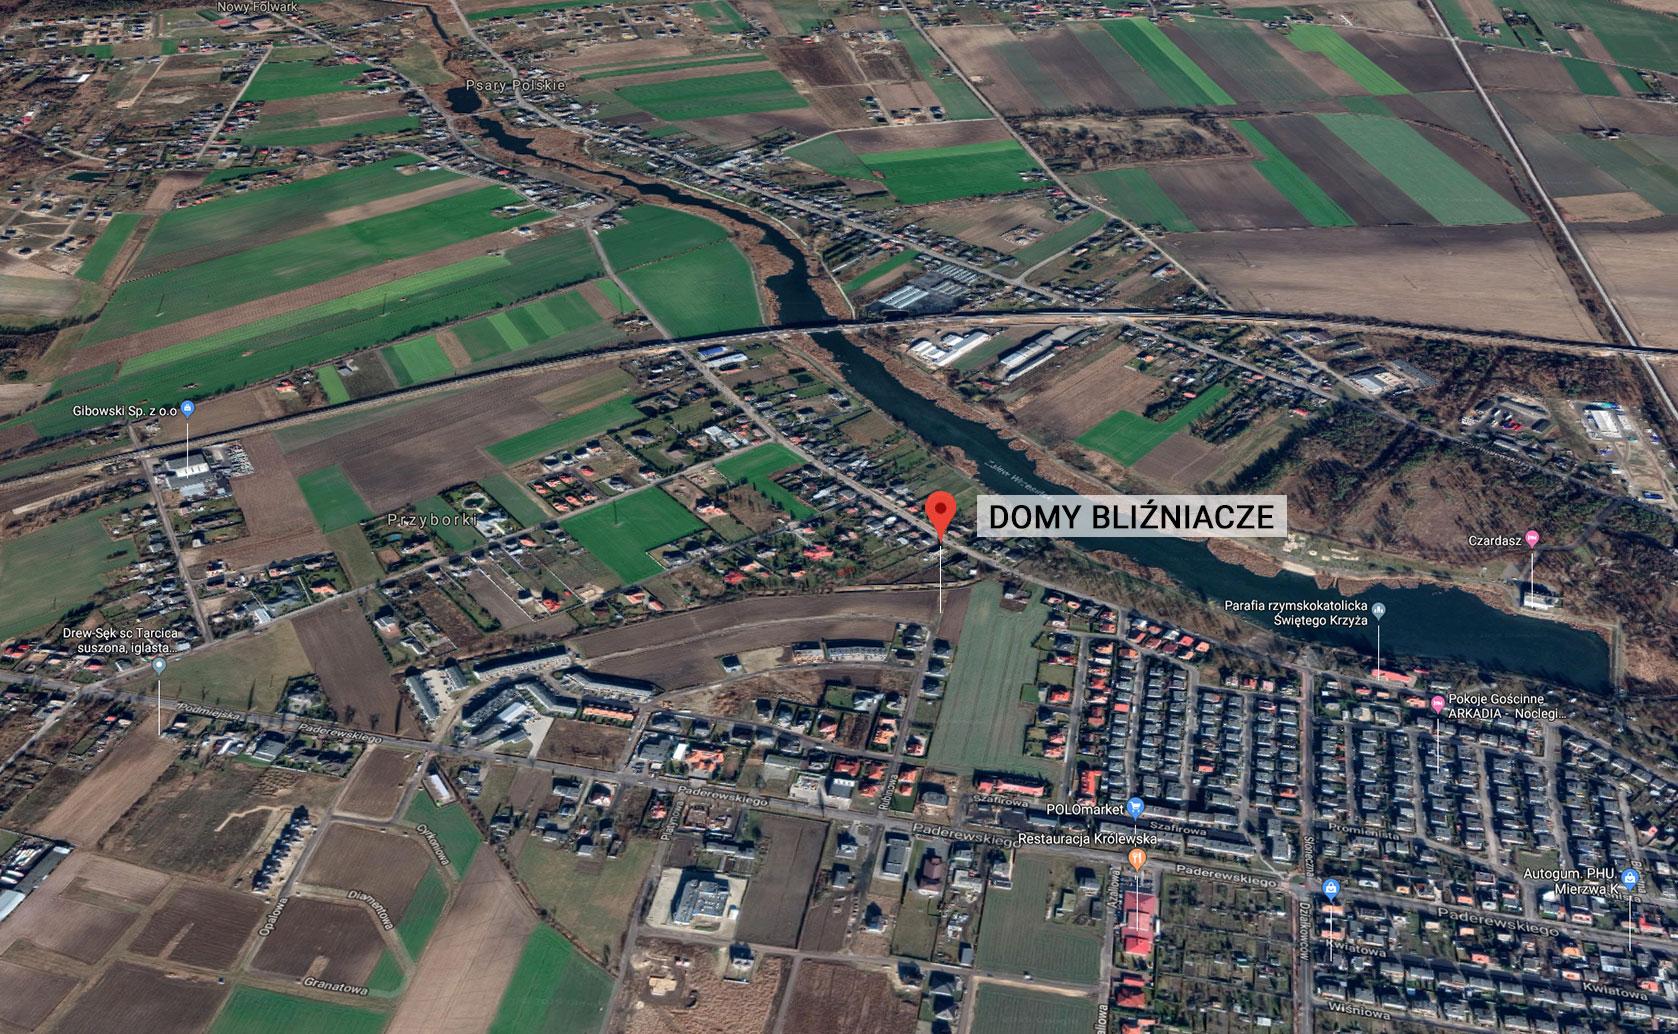 osiedle-budex-mapa_domy_blizniacze